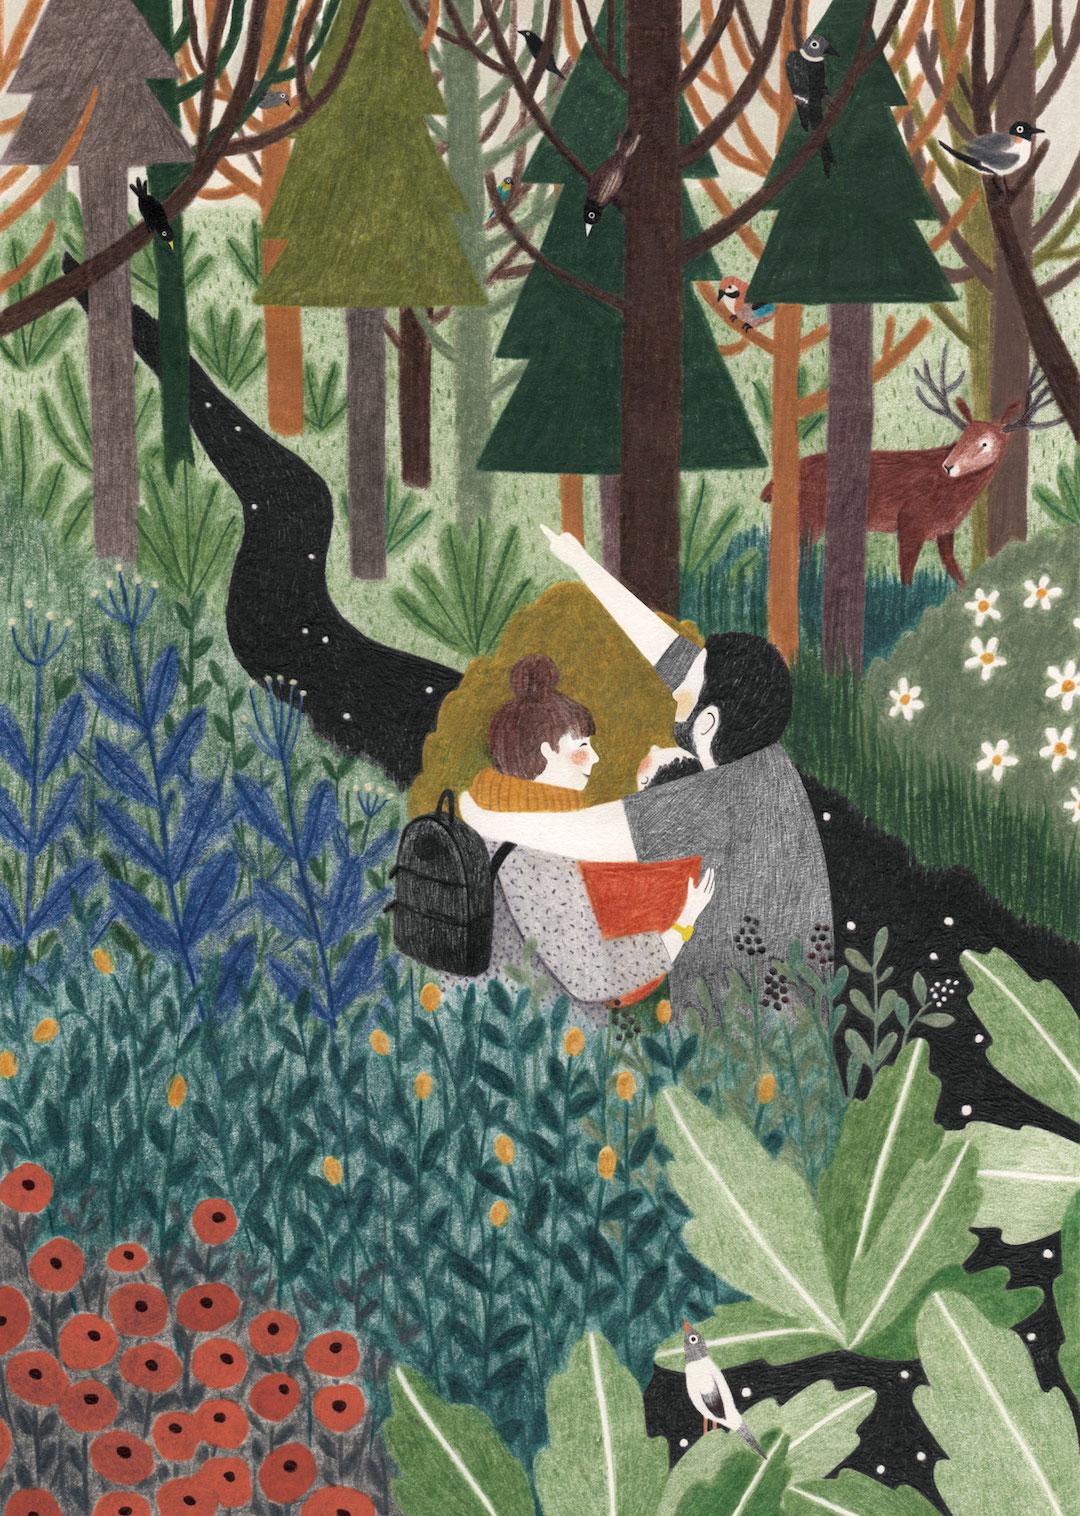 Illustration Work by Lieke Van Der Vorst Prizes Quiet